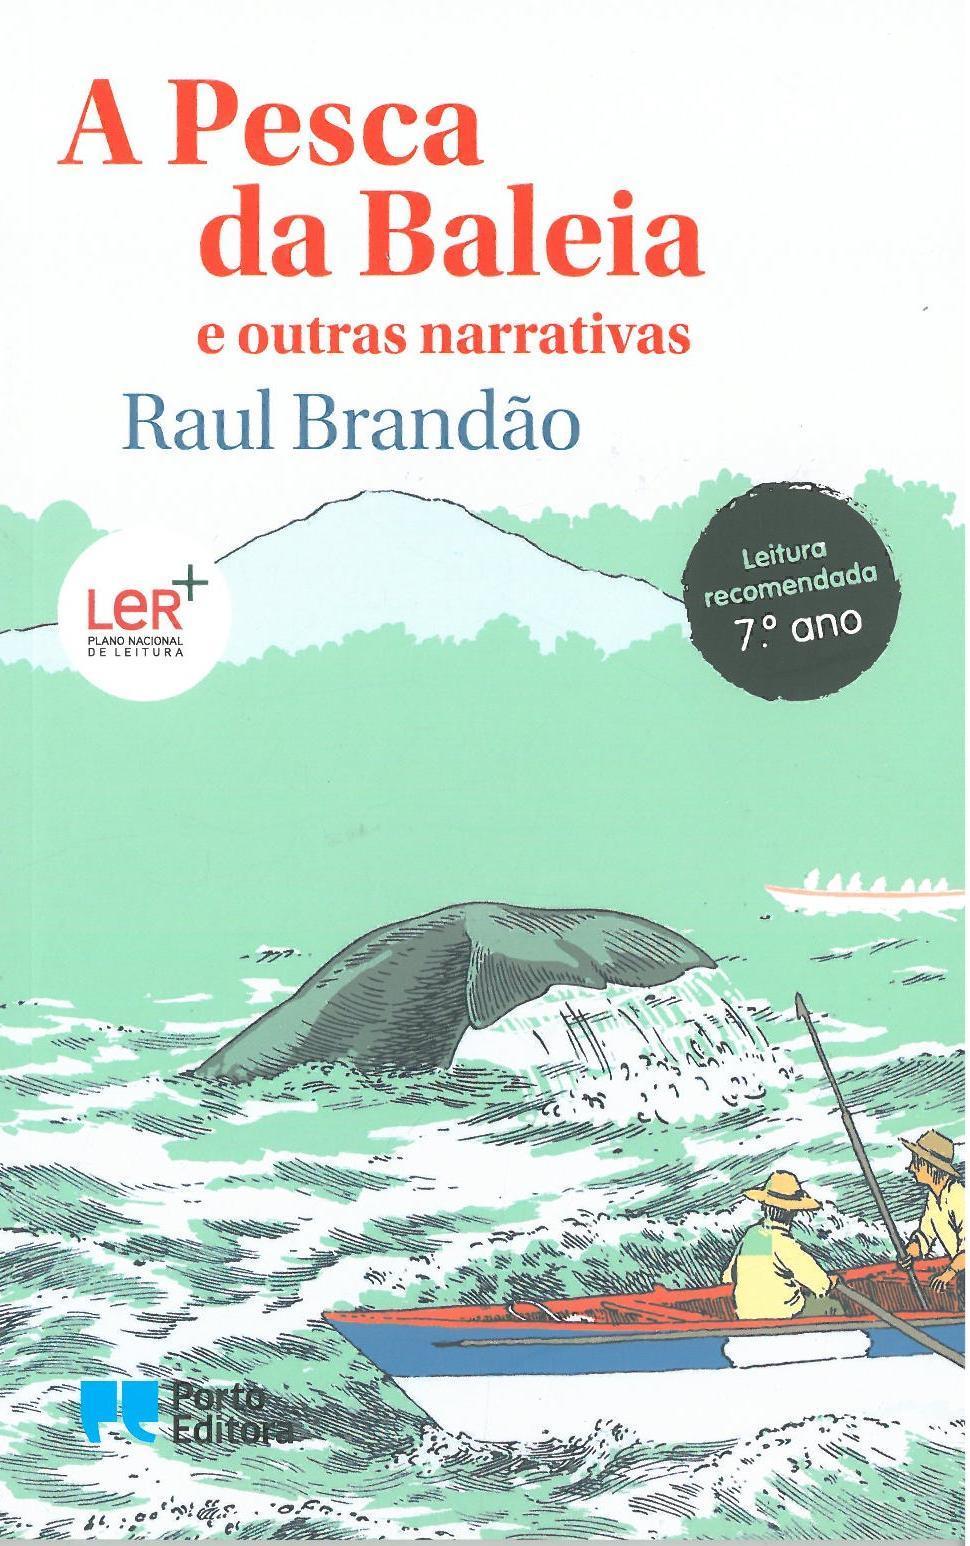 A pesca da baleia e outras narrativas_.jpg